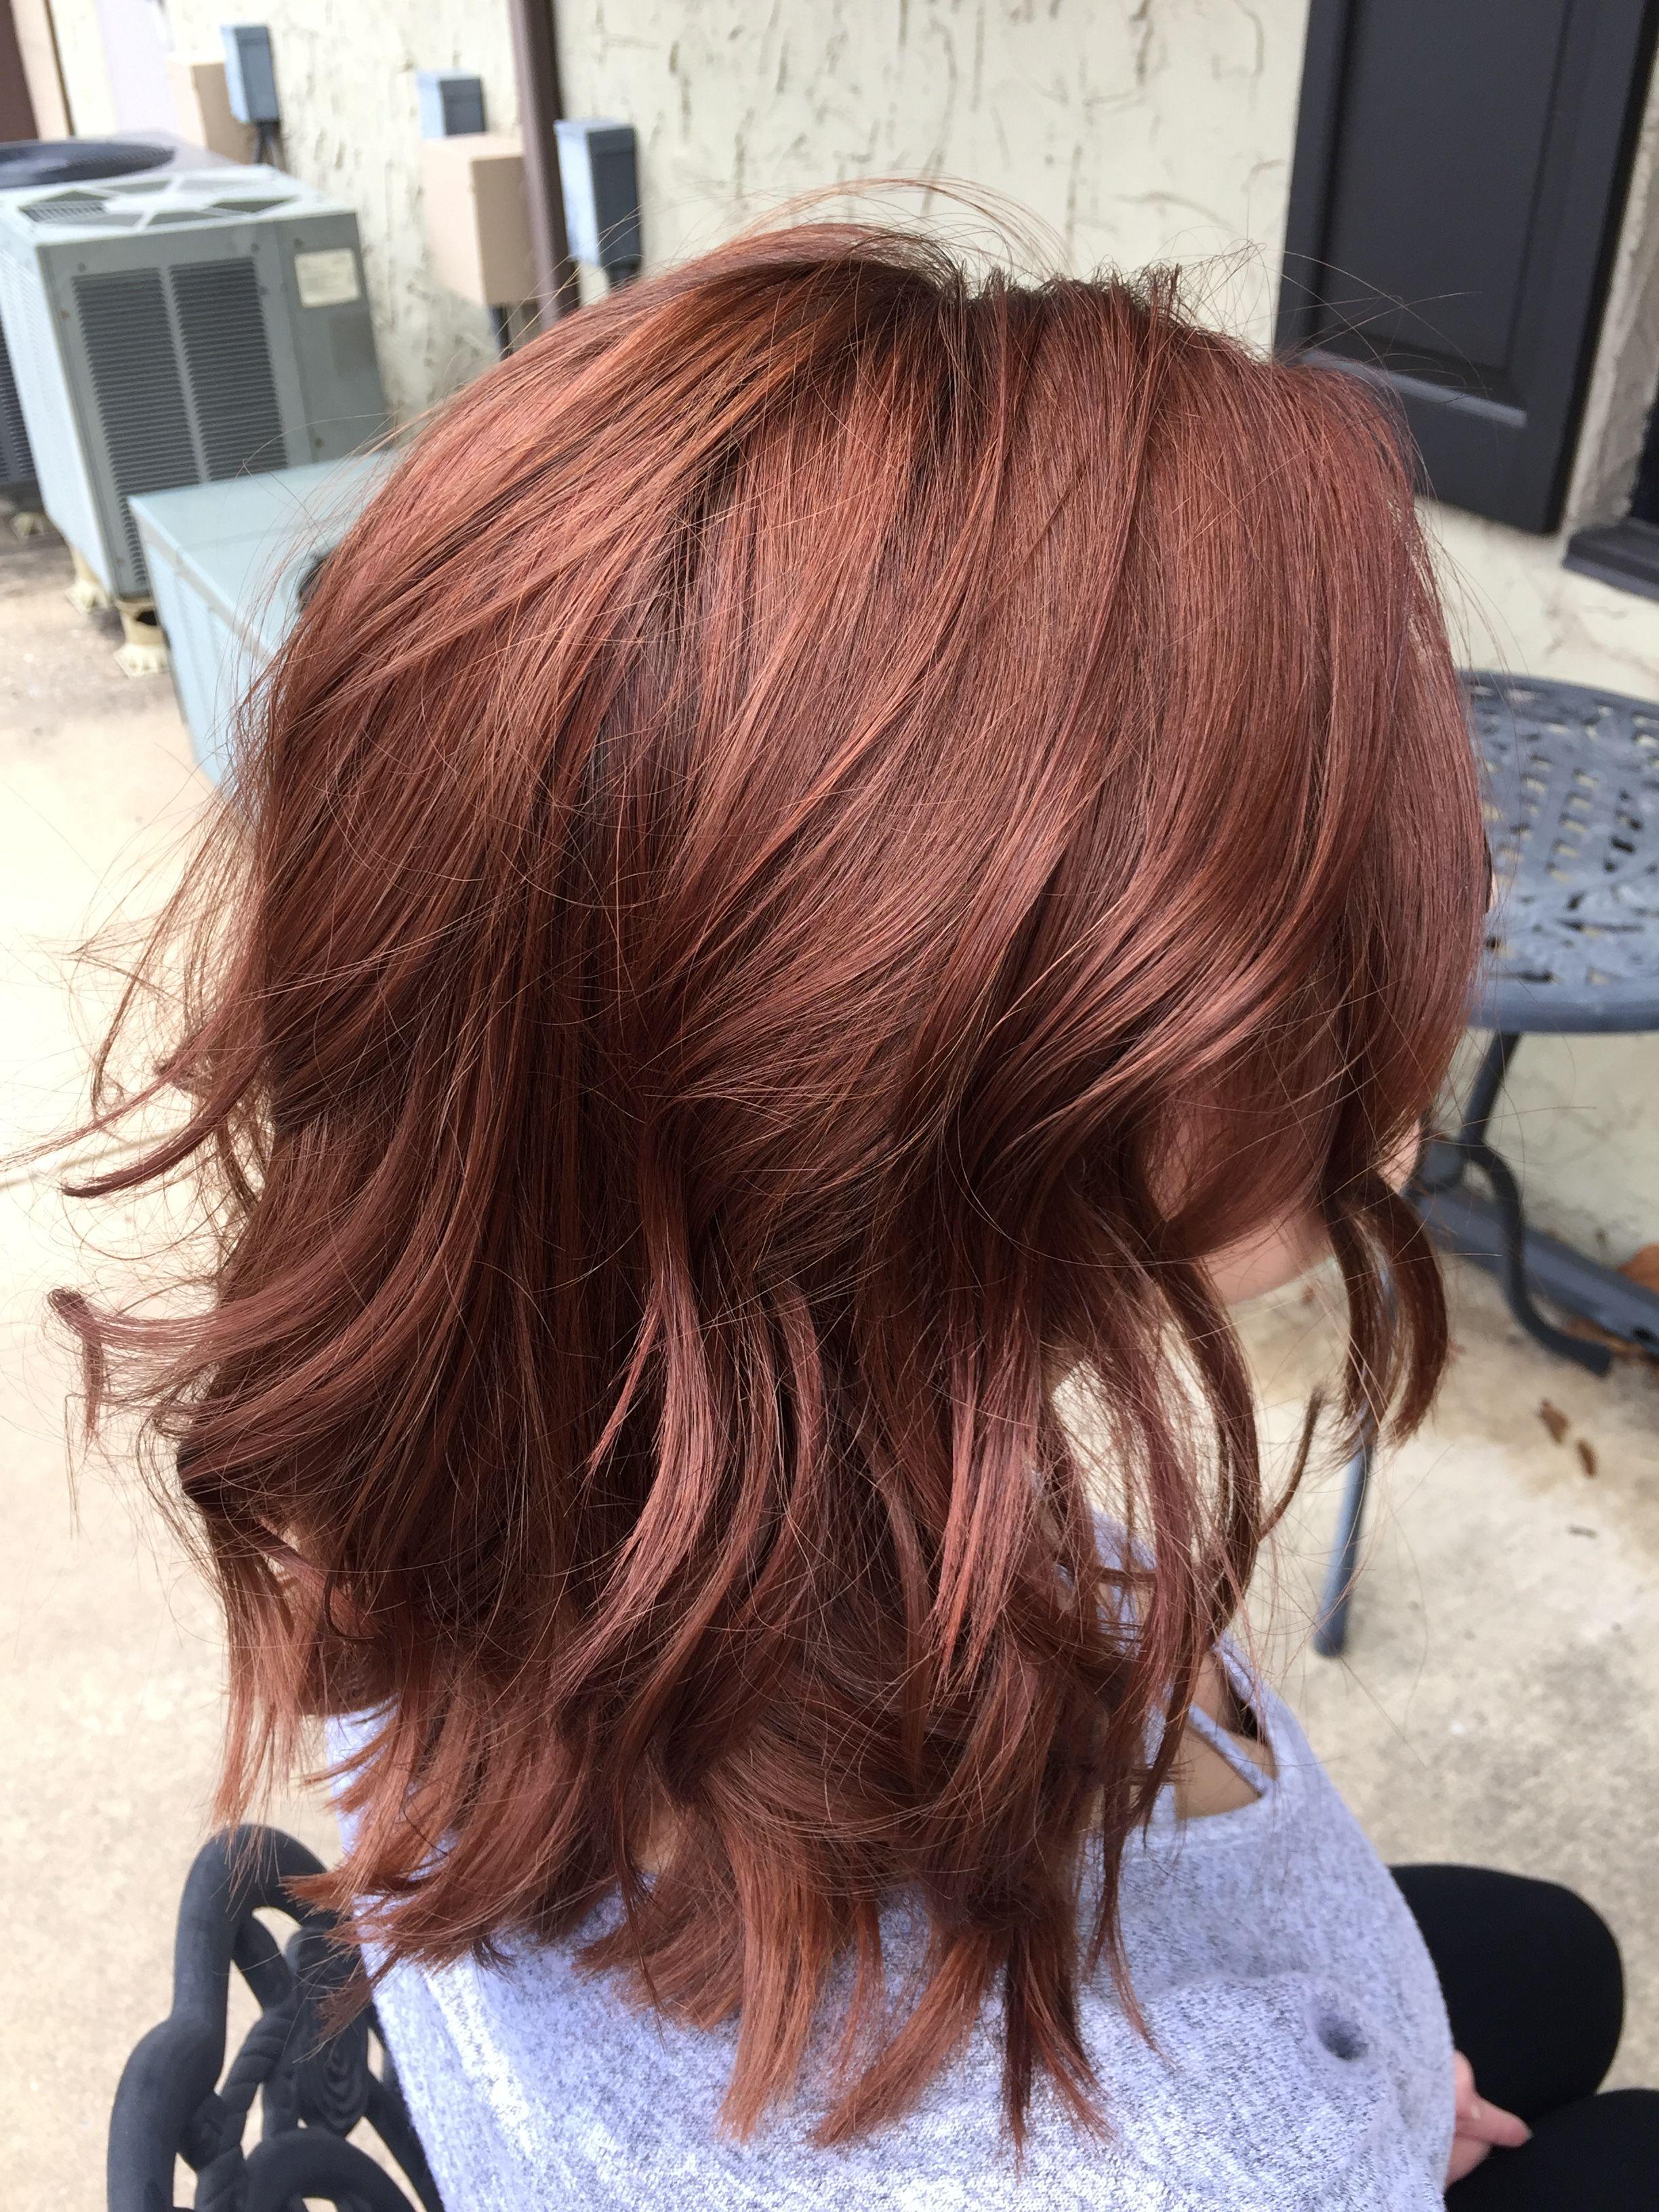 Pin by Nicole Norris-Hoppock on Hair  Hair color auburn, Hair